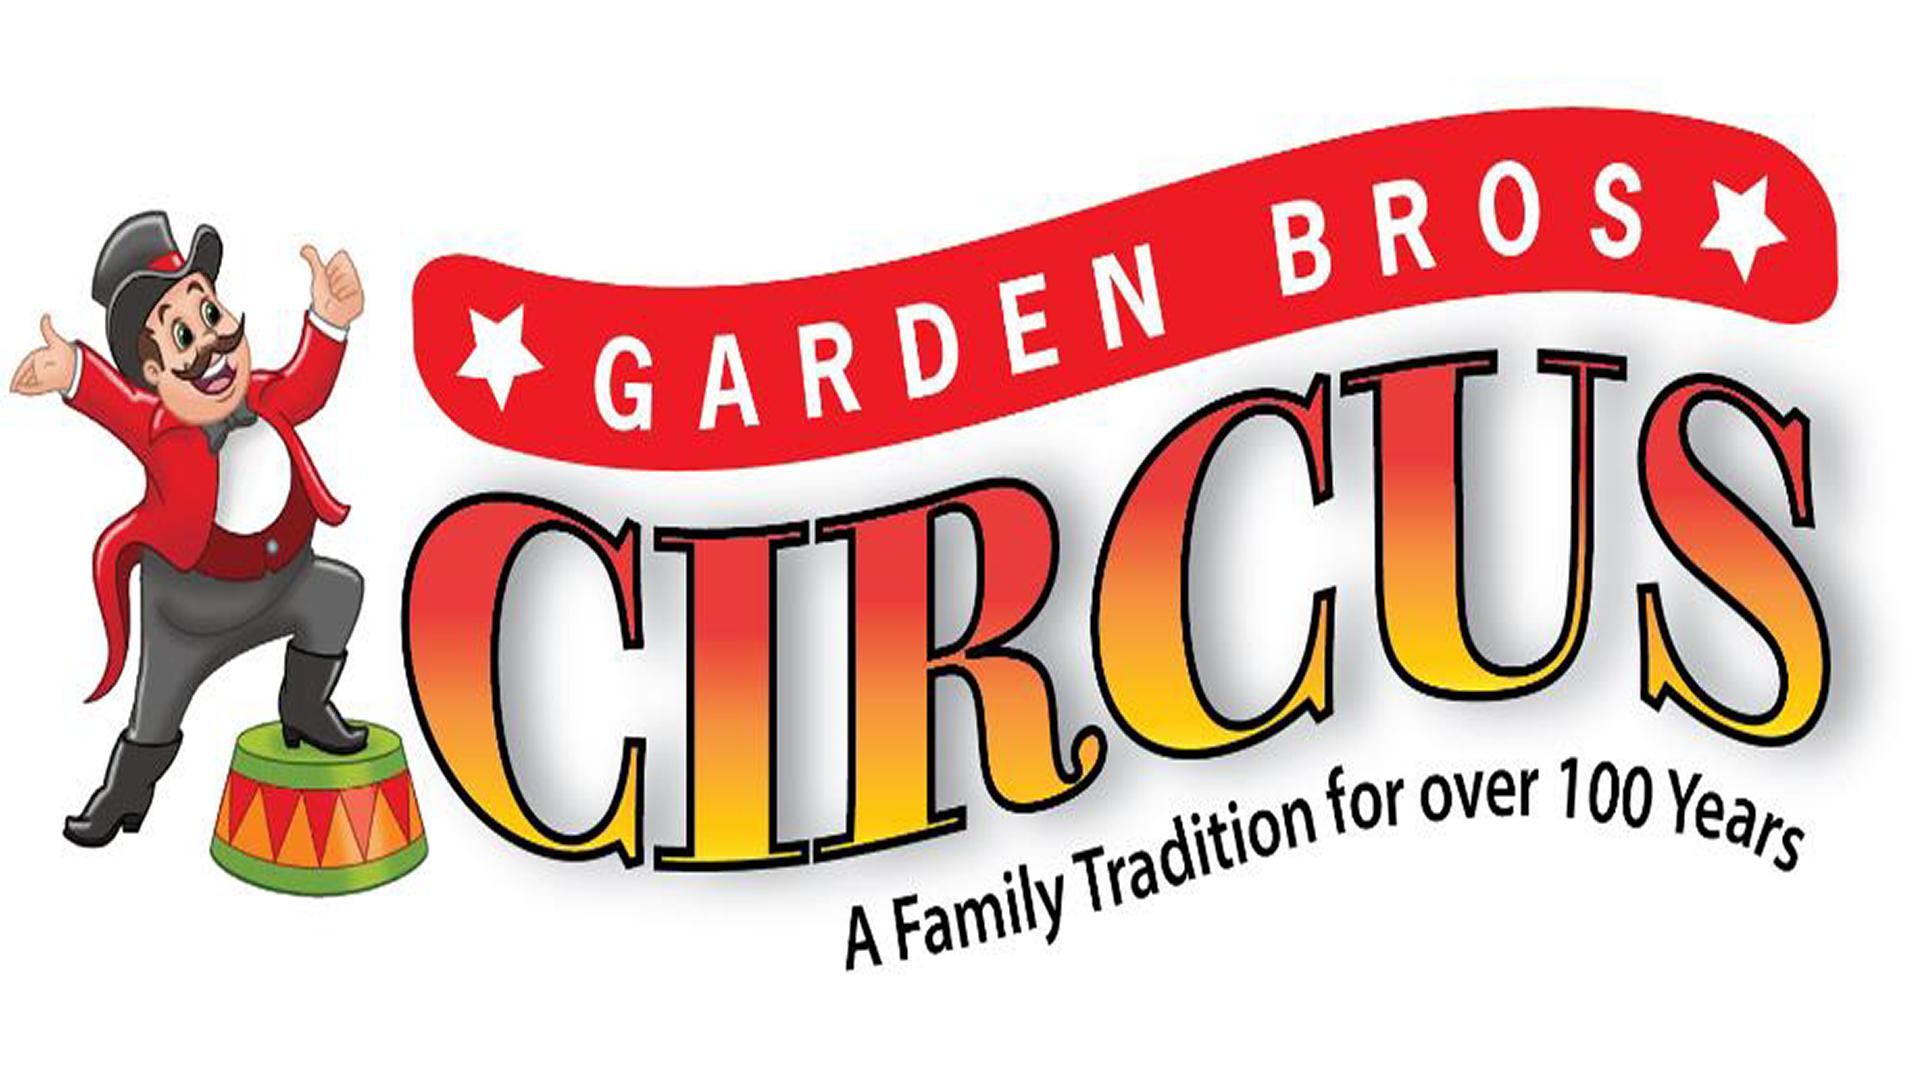 More Info for GARDEN BROS CIRCUS